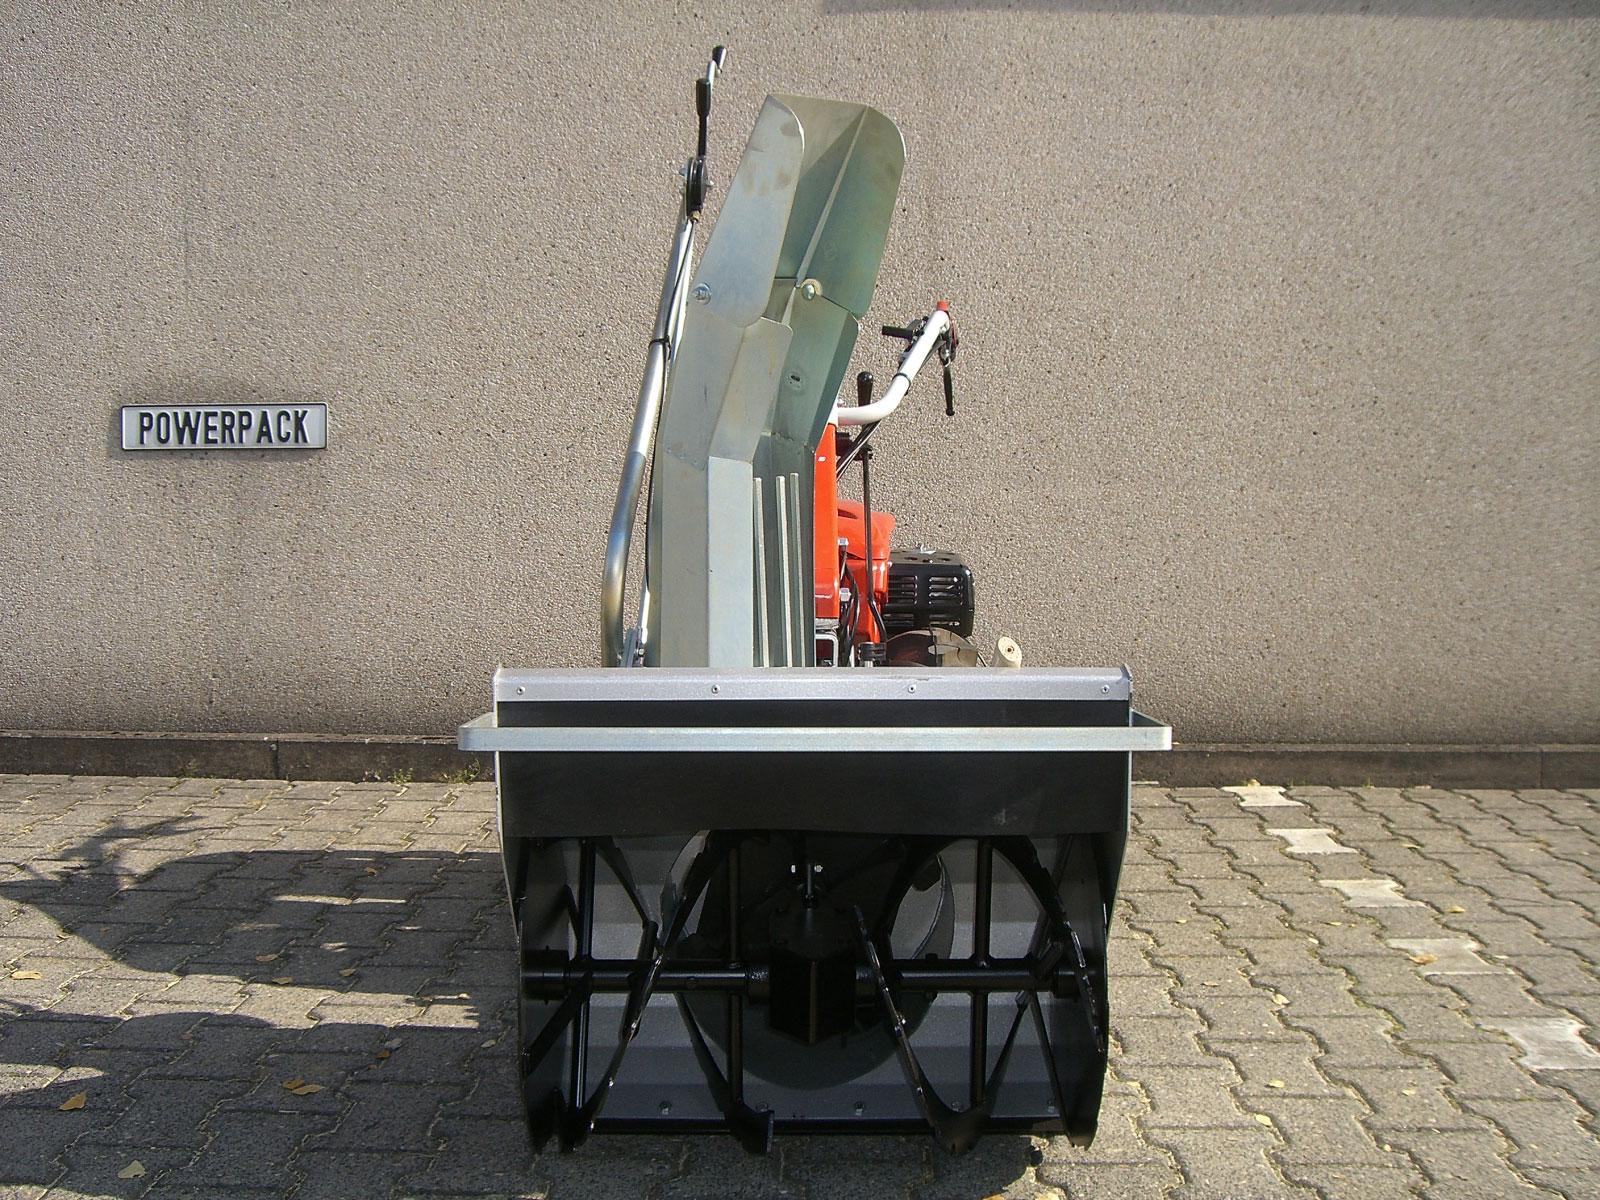 Powerpac Schneefräse doppelstufig für Einachser KAM5 Breite 60cm Bild 3